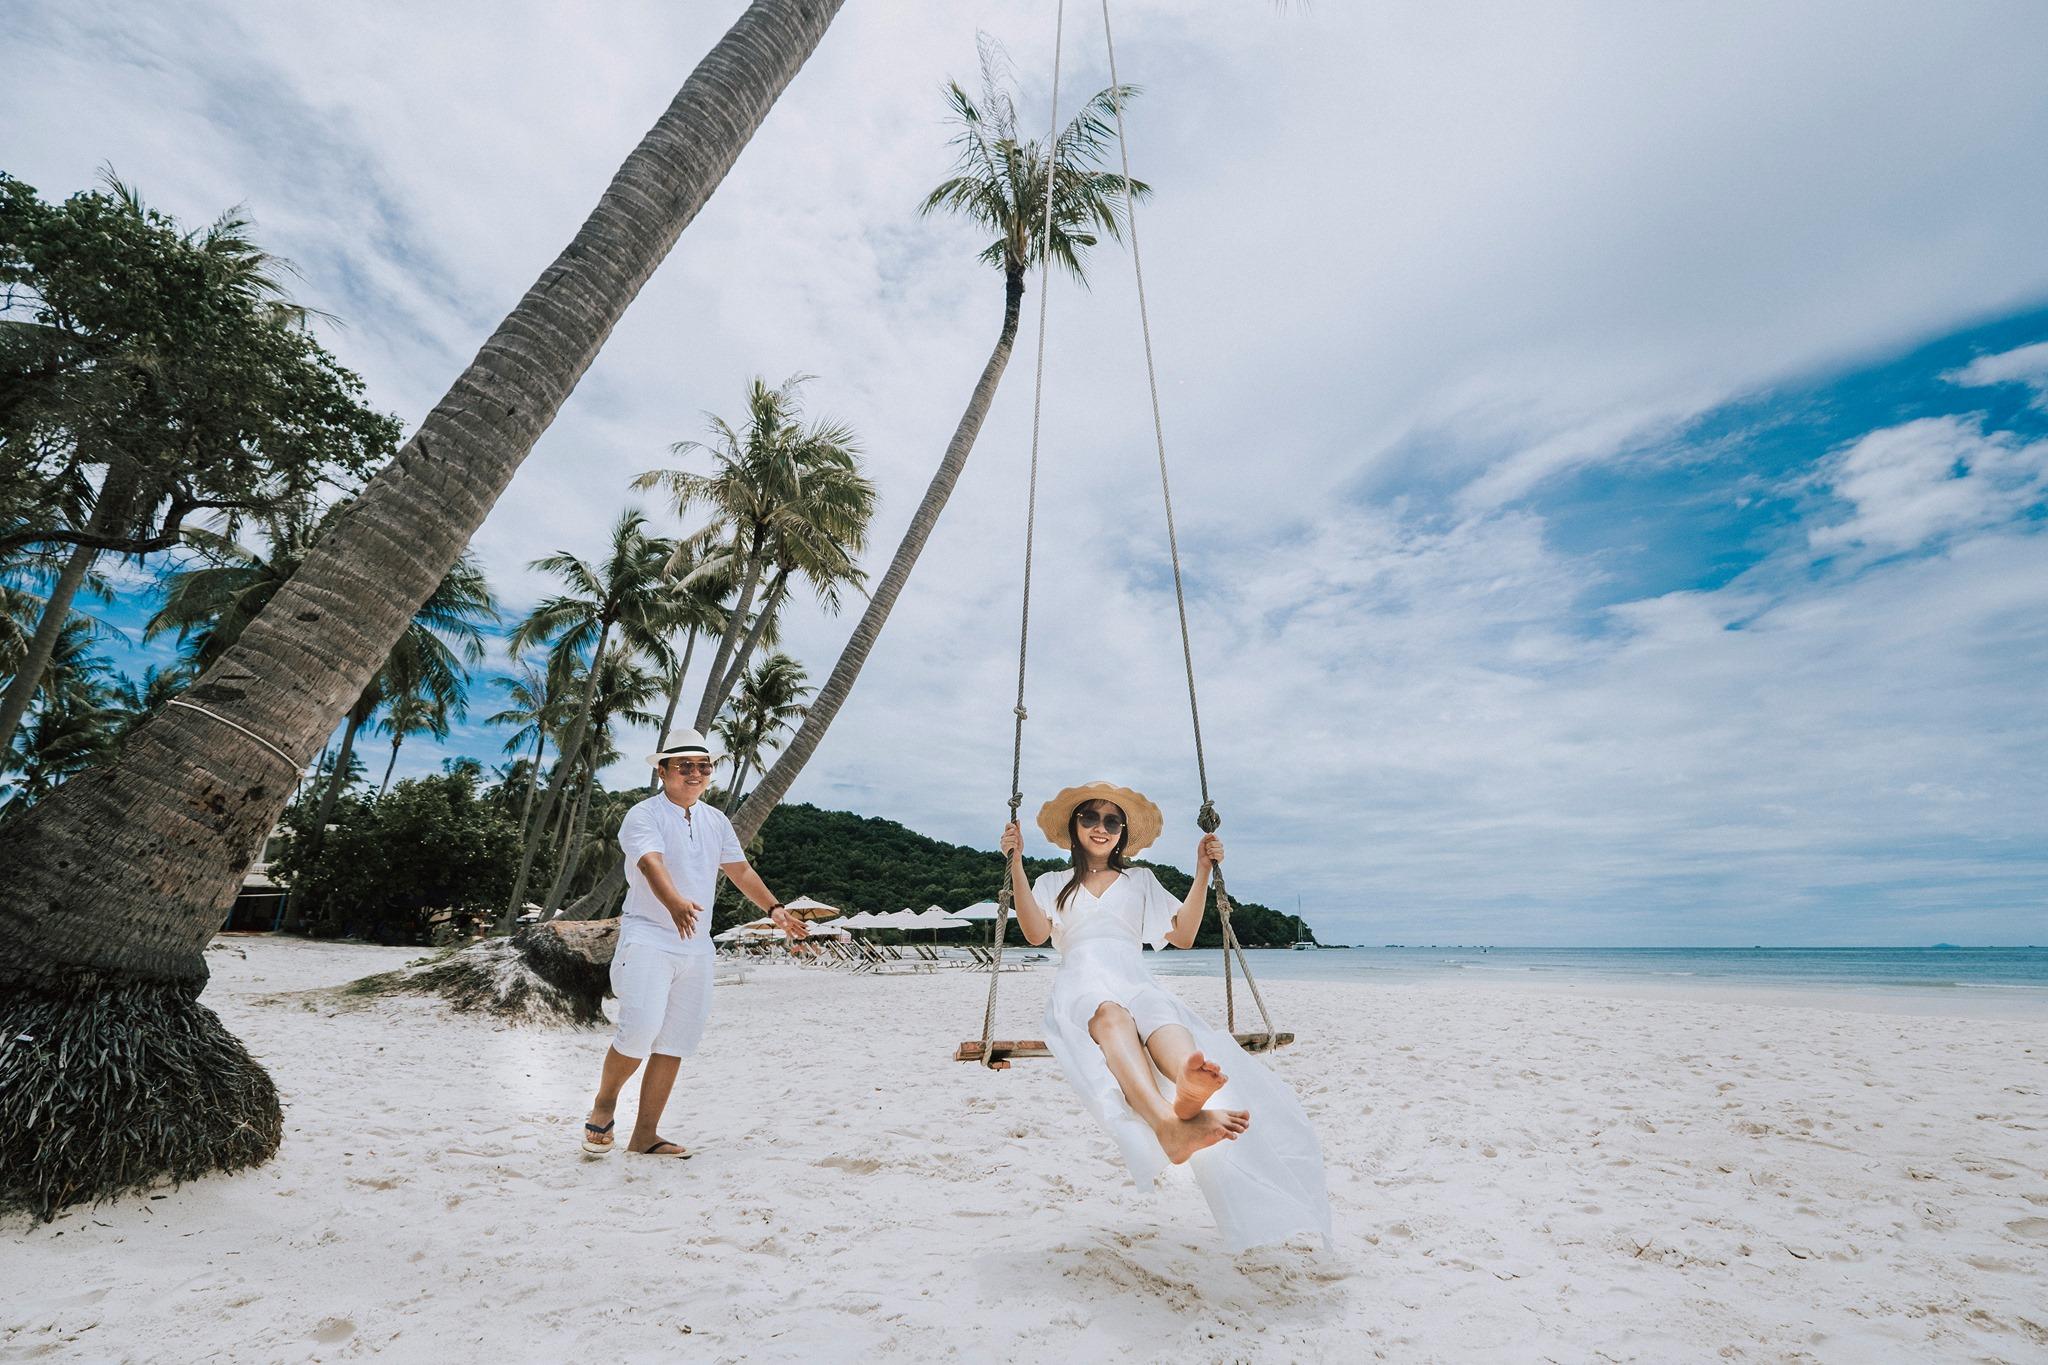 Tour du lịch Phú Quốc từ Hải Phòng: Trải nghiệm thiên đường nghỉ dưỡng số một Việt Nam - Ảnh 7.